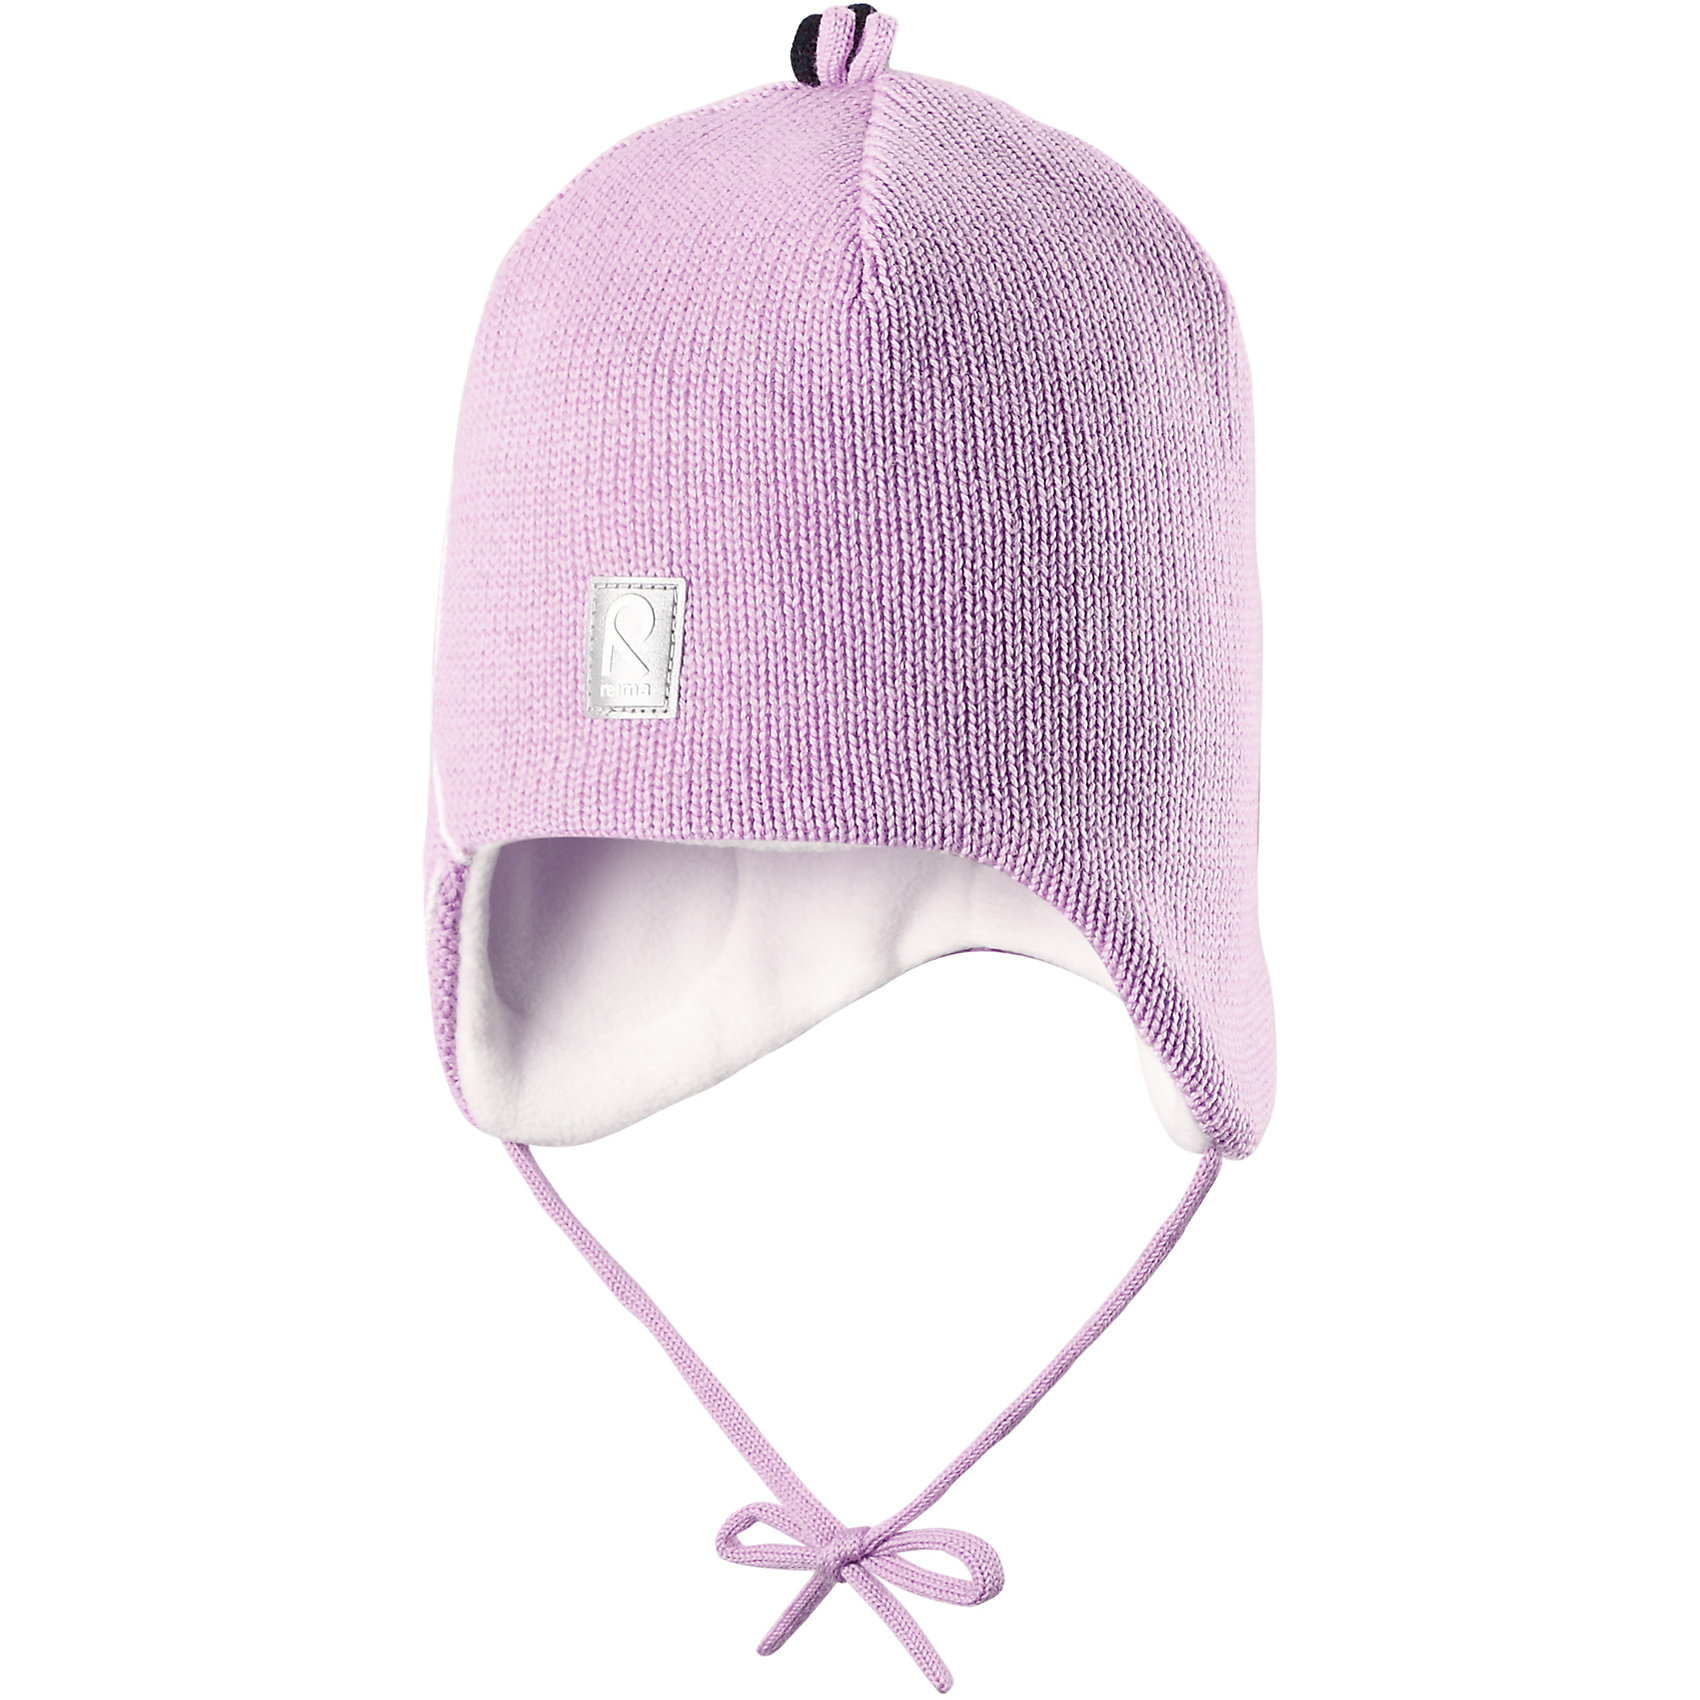 Шапка Hapsu для девочки ReimaШапки и шарфы<br>Шапка для девочки Reima<br>Шапка «Бини» для малышей. Шерсть идеально поддерживает температуру. Теплая шерстяная вязка (волокно). Товар сертифицирован Oeko-Tex, класс 1, одежда для малышей. Ветронепроницаемые вставки в области ушей. Любые размеры. Мягкая теплая подкладка из поларфлиса. Логотип Reima® спереди. Милый вязаный узор. Декоративные элементы сверху. Светоотражающий элемент спереди.<br>Уход:<br>Стирать по отдельности, вывернув наизнанку. Придать первоначальную форму вo влажном виде. Возможна усадка 5 %.<br>Состав:<br>100% Шерсть<br><br>Ширина мм: 89<br>Глубина мм: 117<br>Высота мм: 44<br>Вес г: 155<br>Цвет: розовый<br>Возраст от месяцев: 18<br>Возраст до месяцев: 36<br>Пол: Женский<br>Возраст: Детский<br>Размер: 50,48,52,46<br>SKU: 4777142